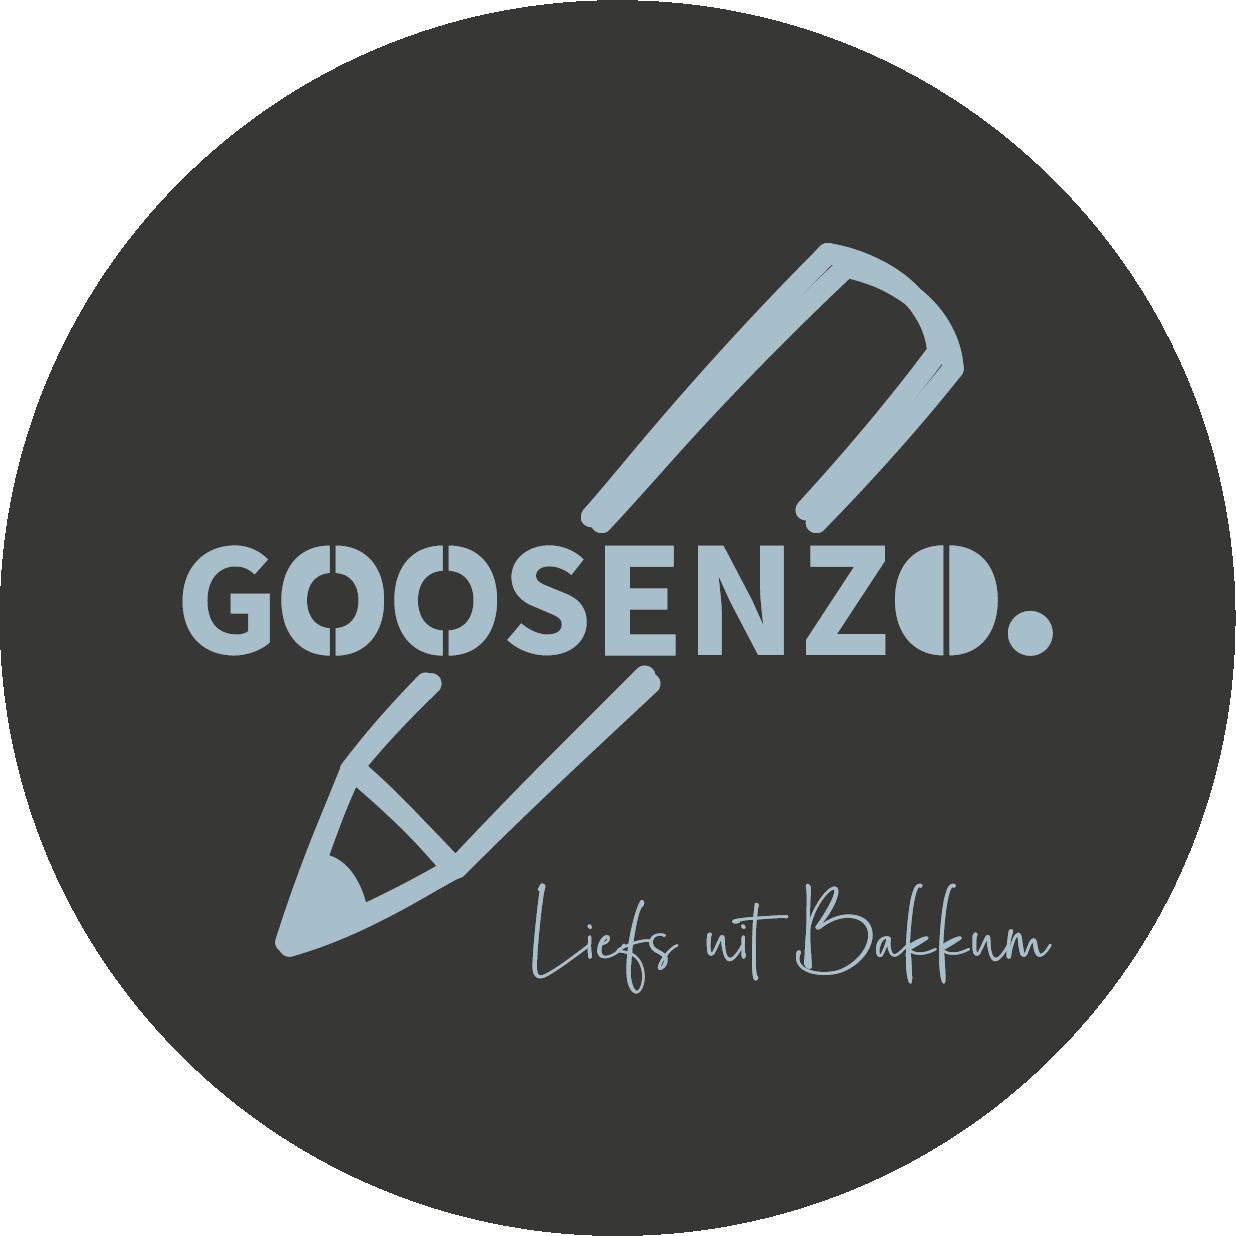 Goosenzo